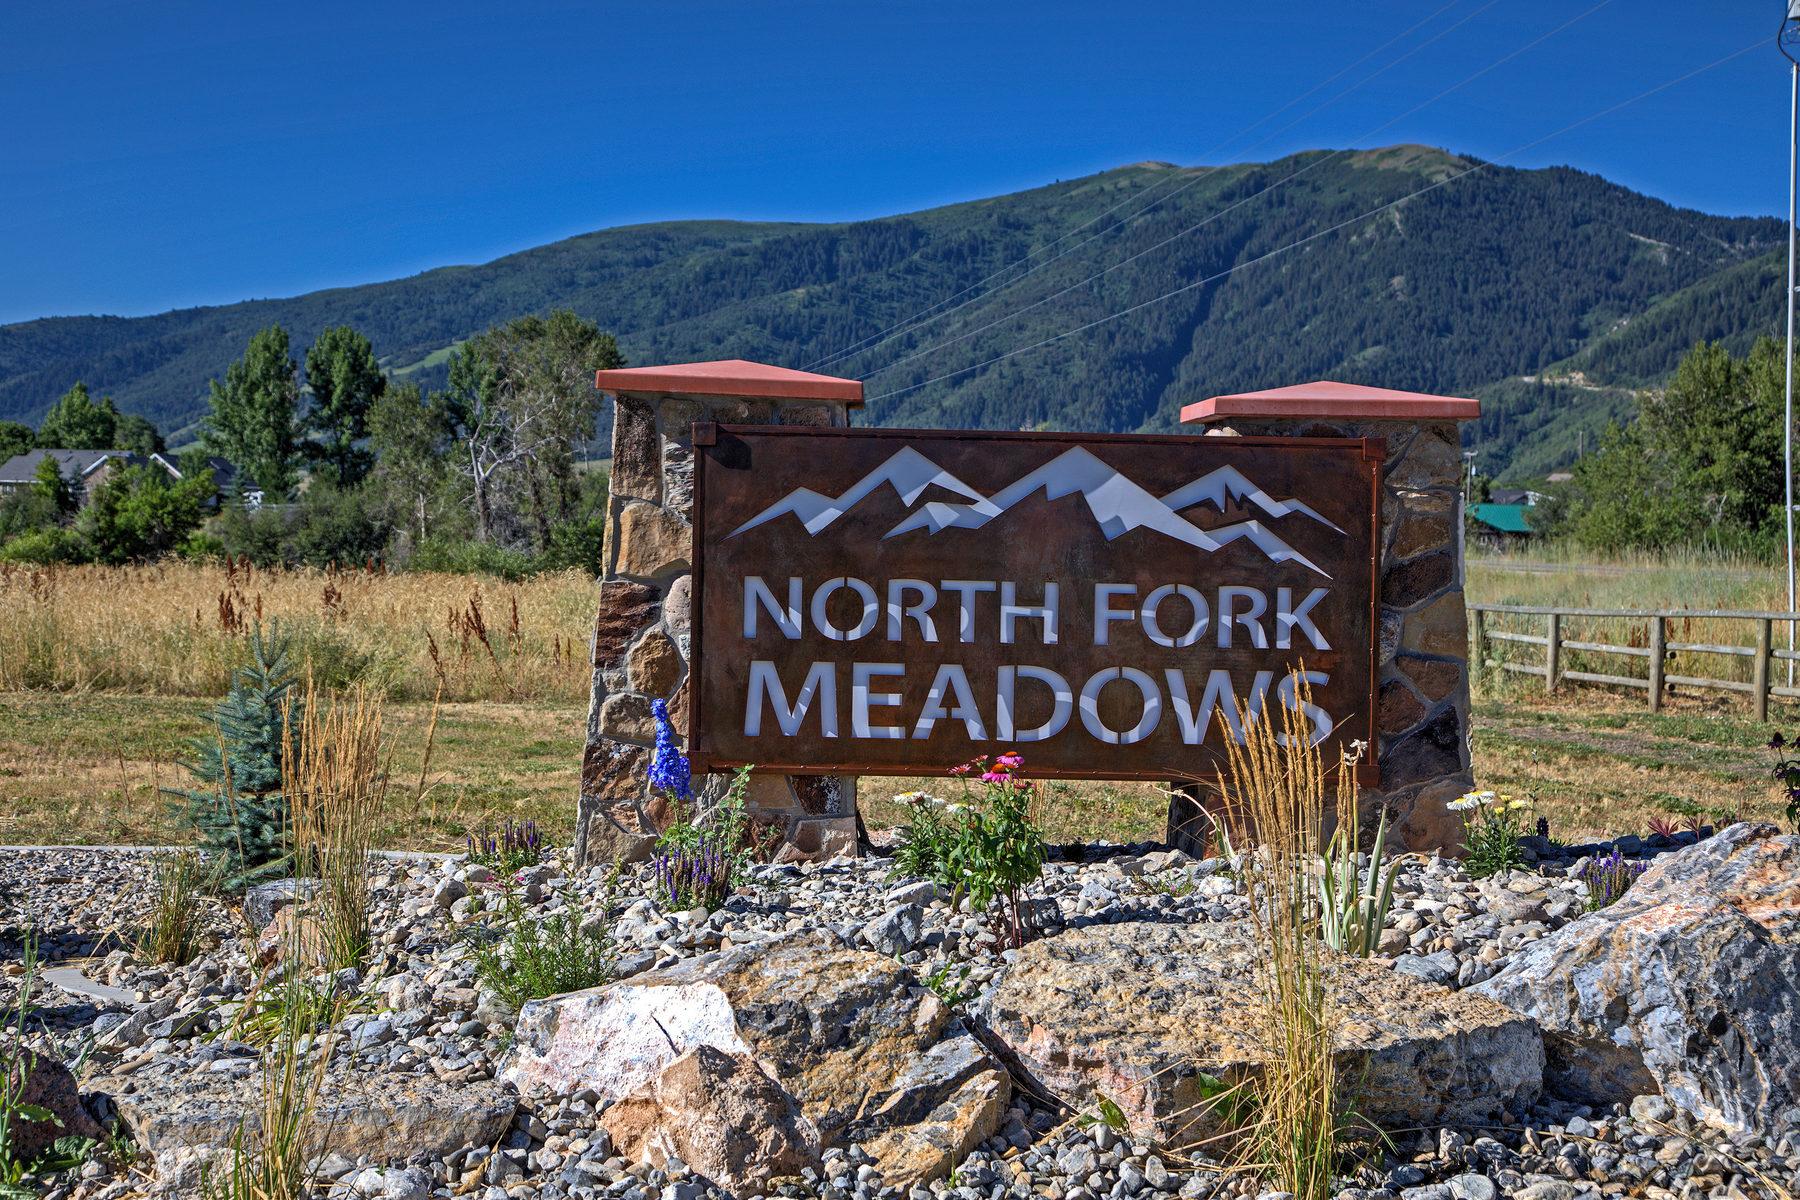 Terreno por un Venta en Build Your Dream Home in Eden Utah 3232 East 5225 North Lot 4 Eden, Utah, 84310 Estados Unidos